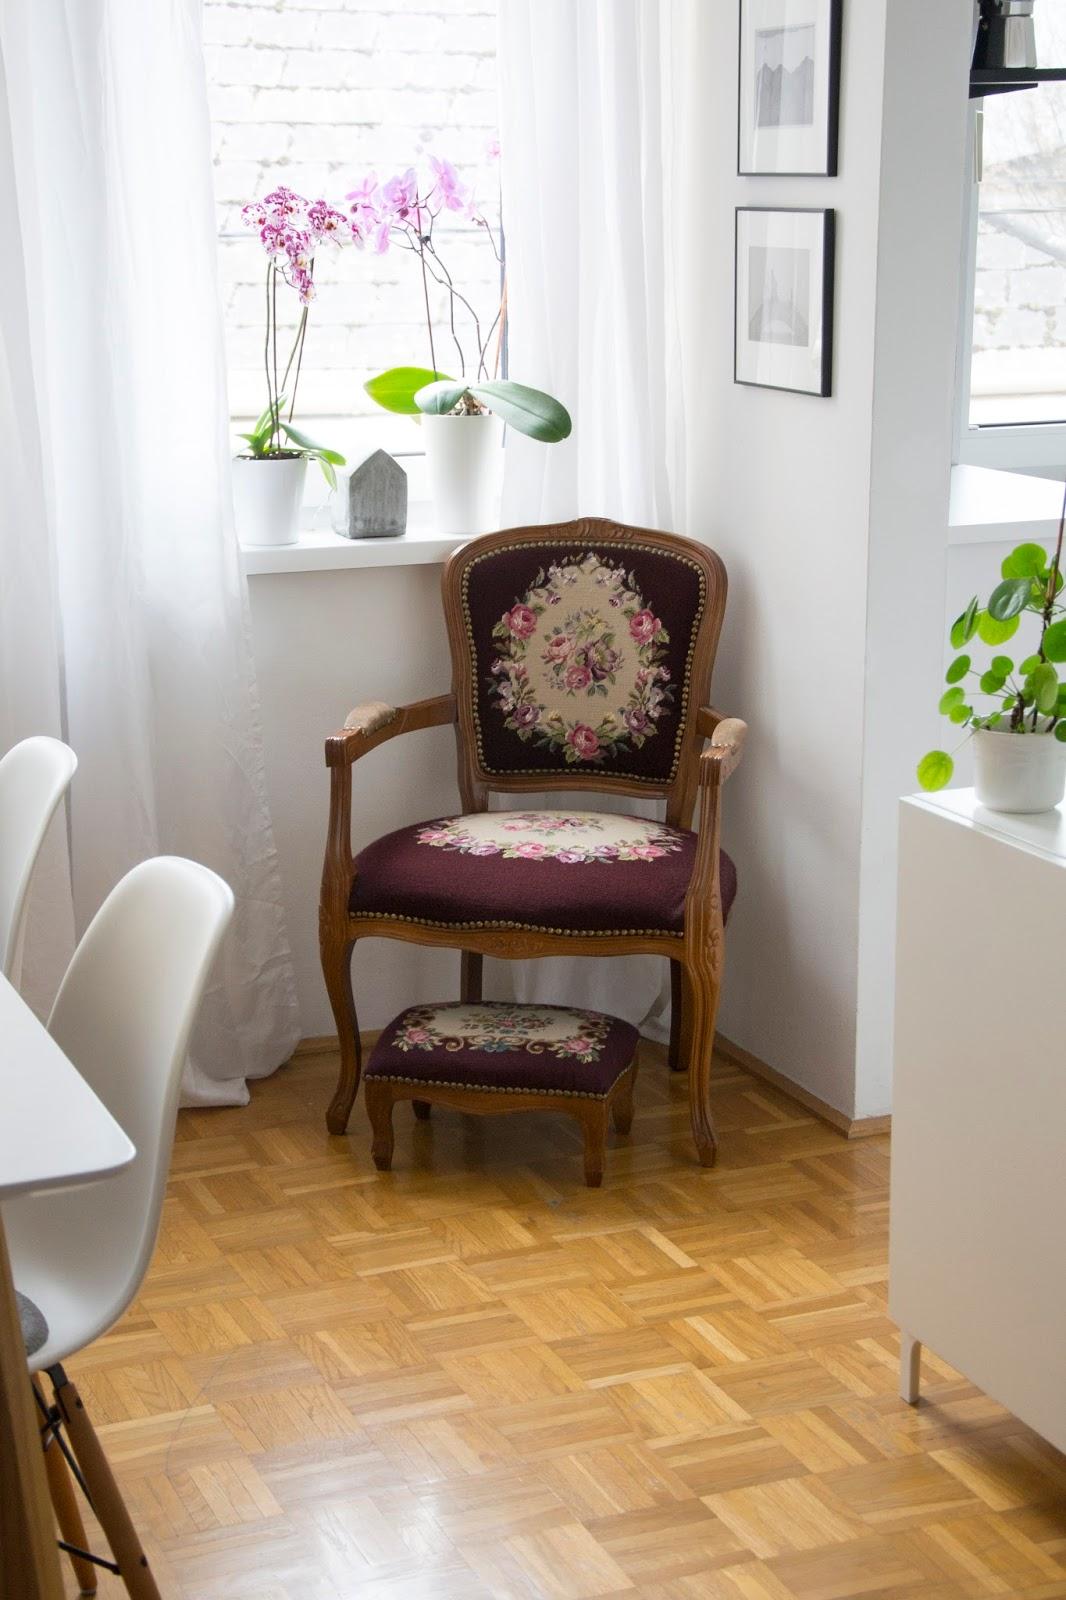 Mein Daheim: #interior | Die Erste Eigene Wohnung Einrichten, Wohnzimmer  Dekoo